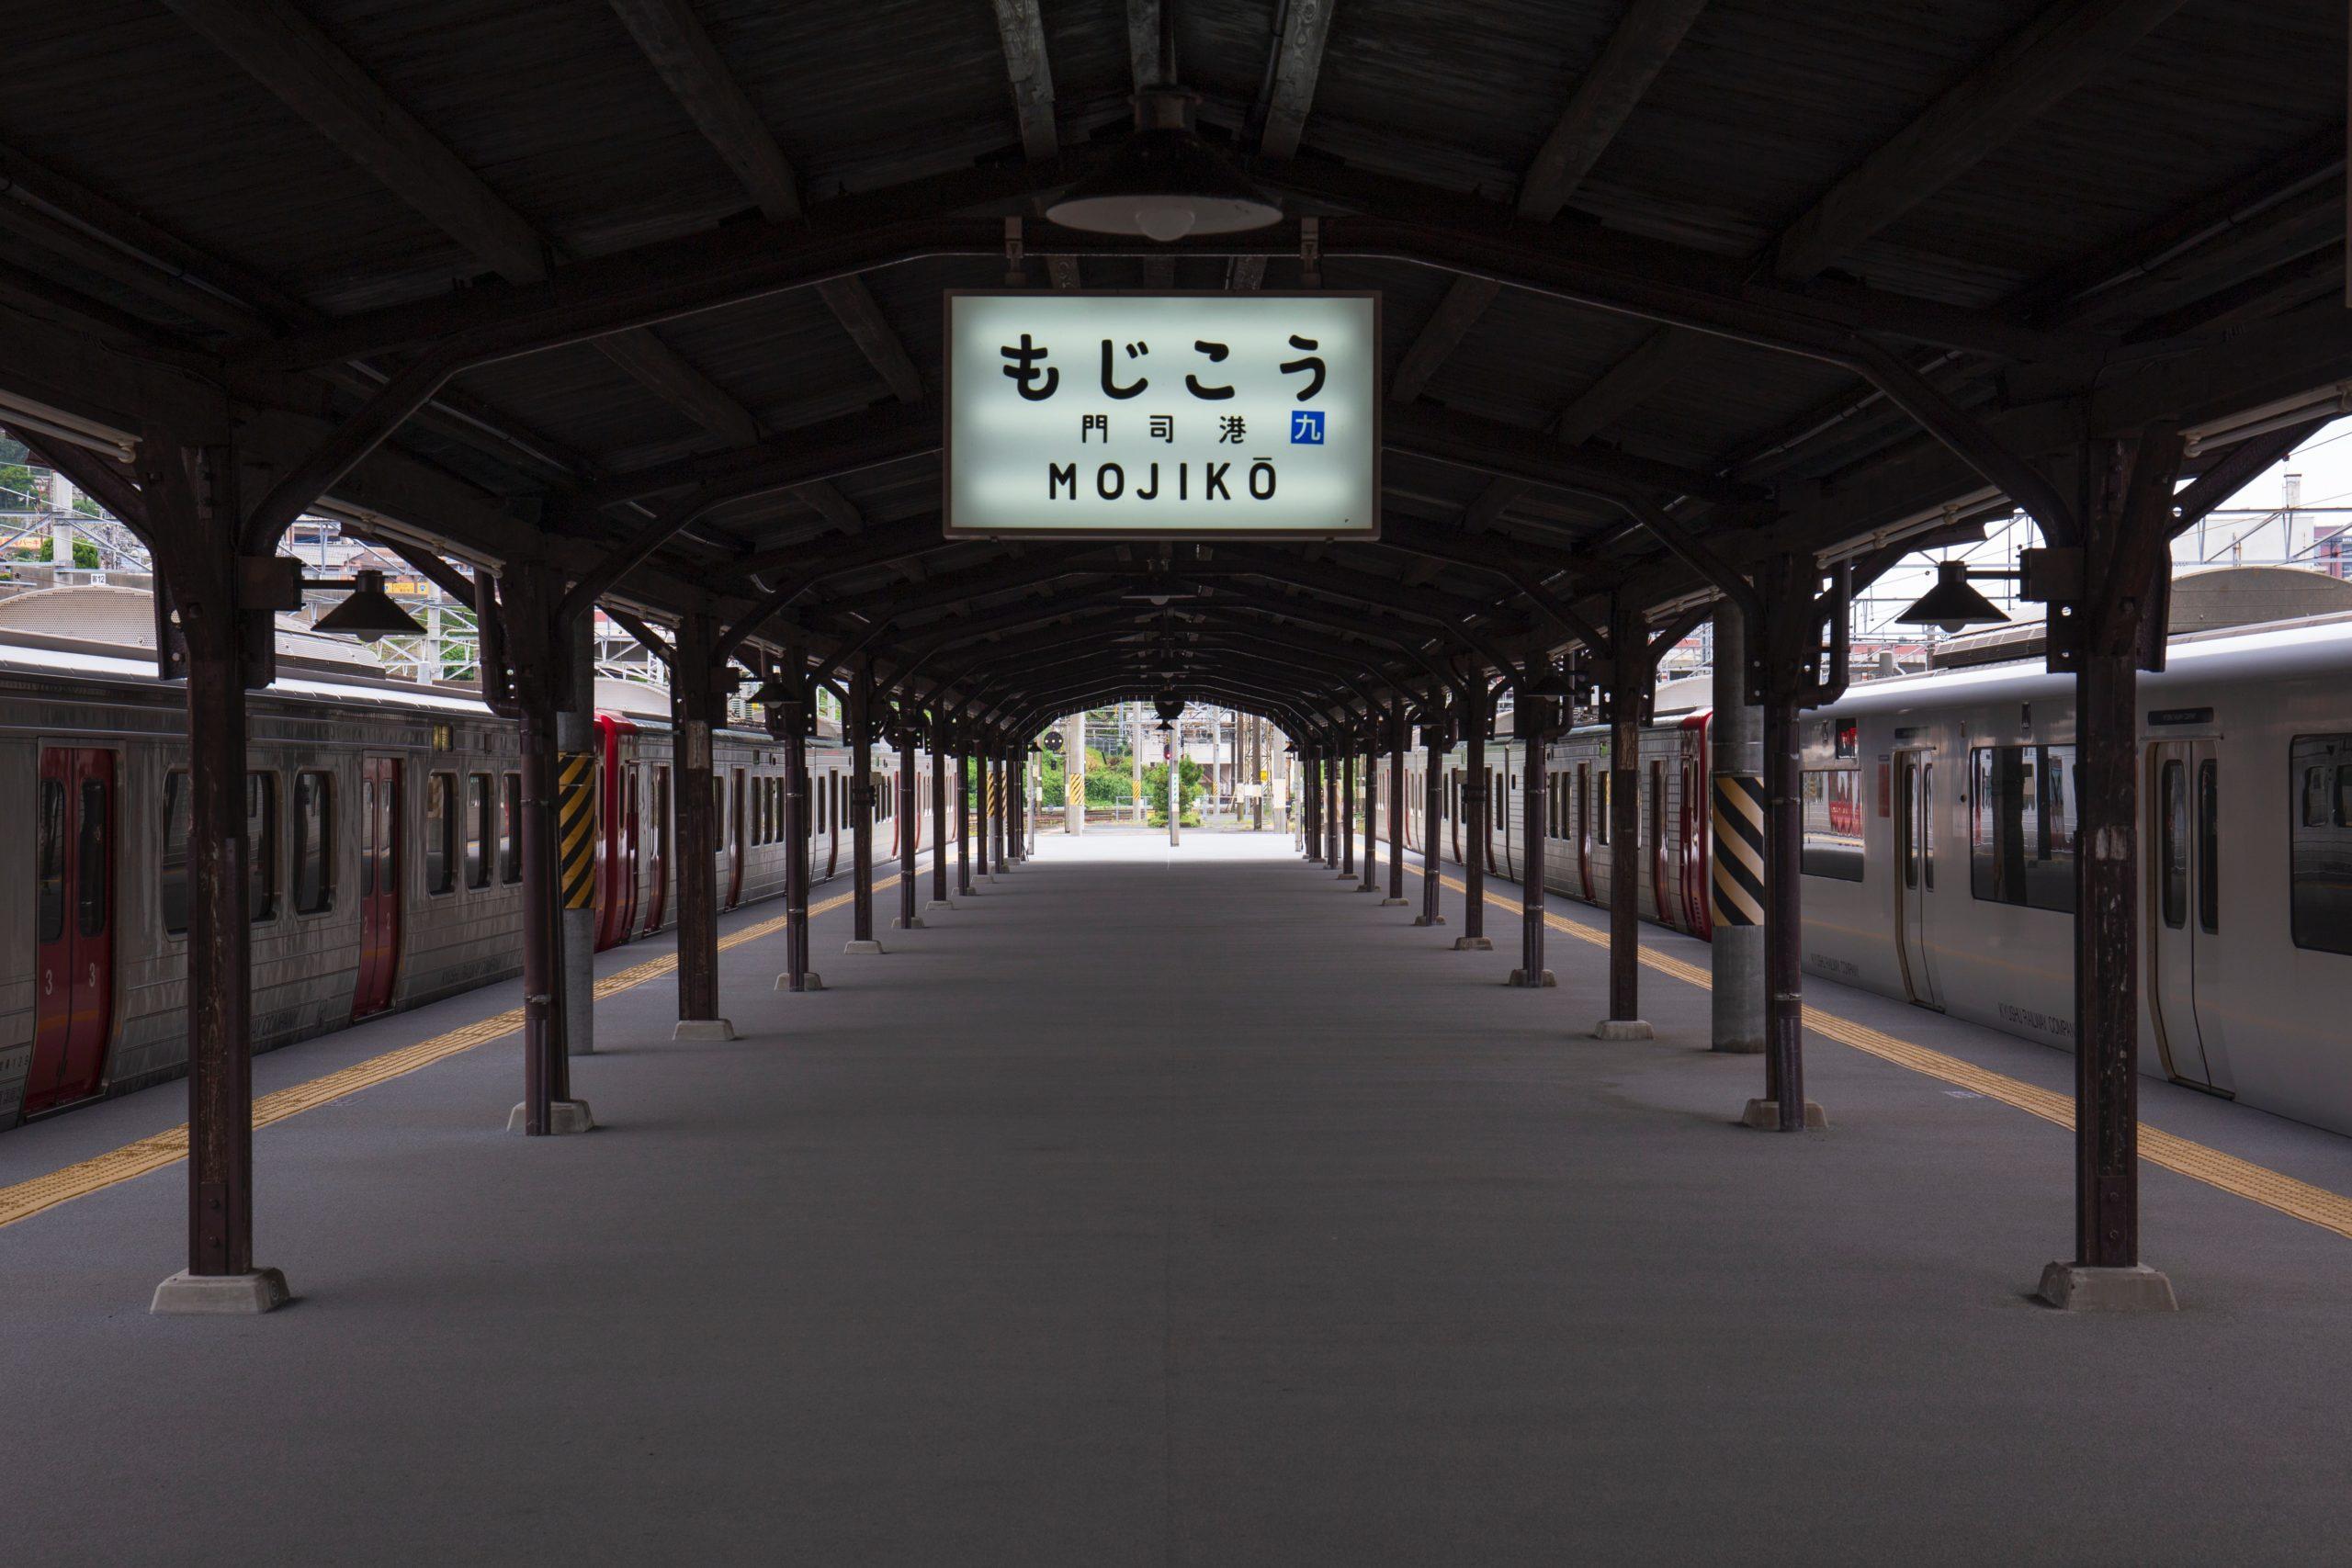 福岡ツウおすすめ観光スポット15選。ここに行けば旅行も大満足!